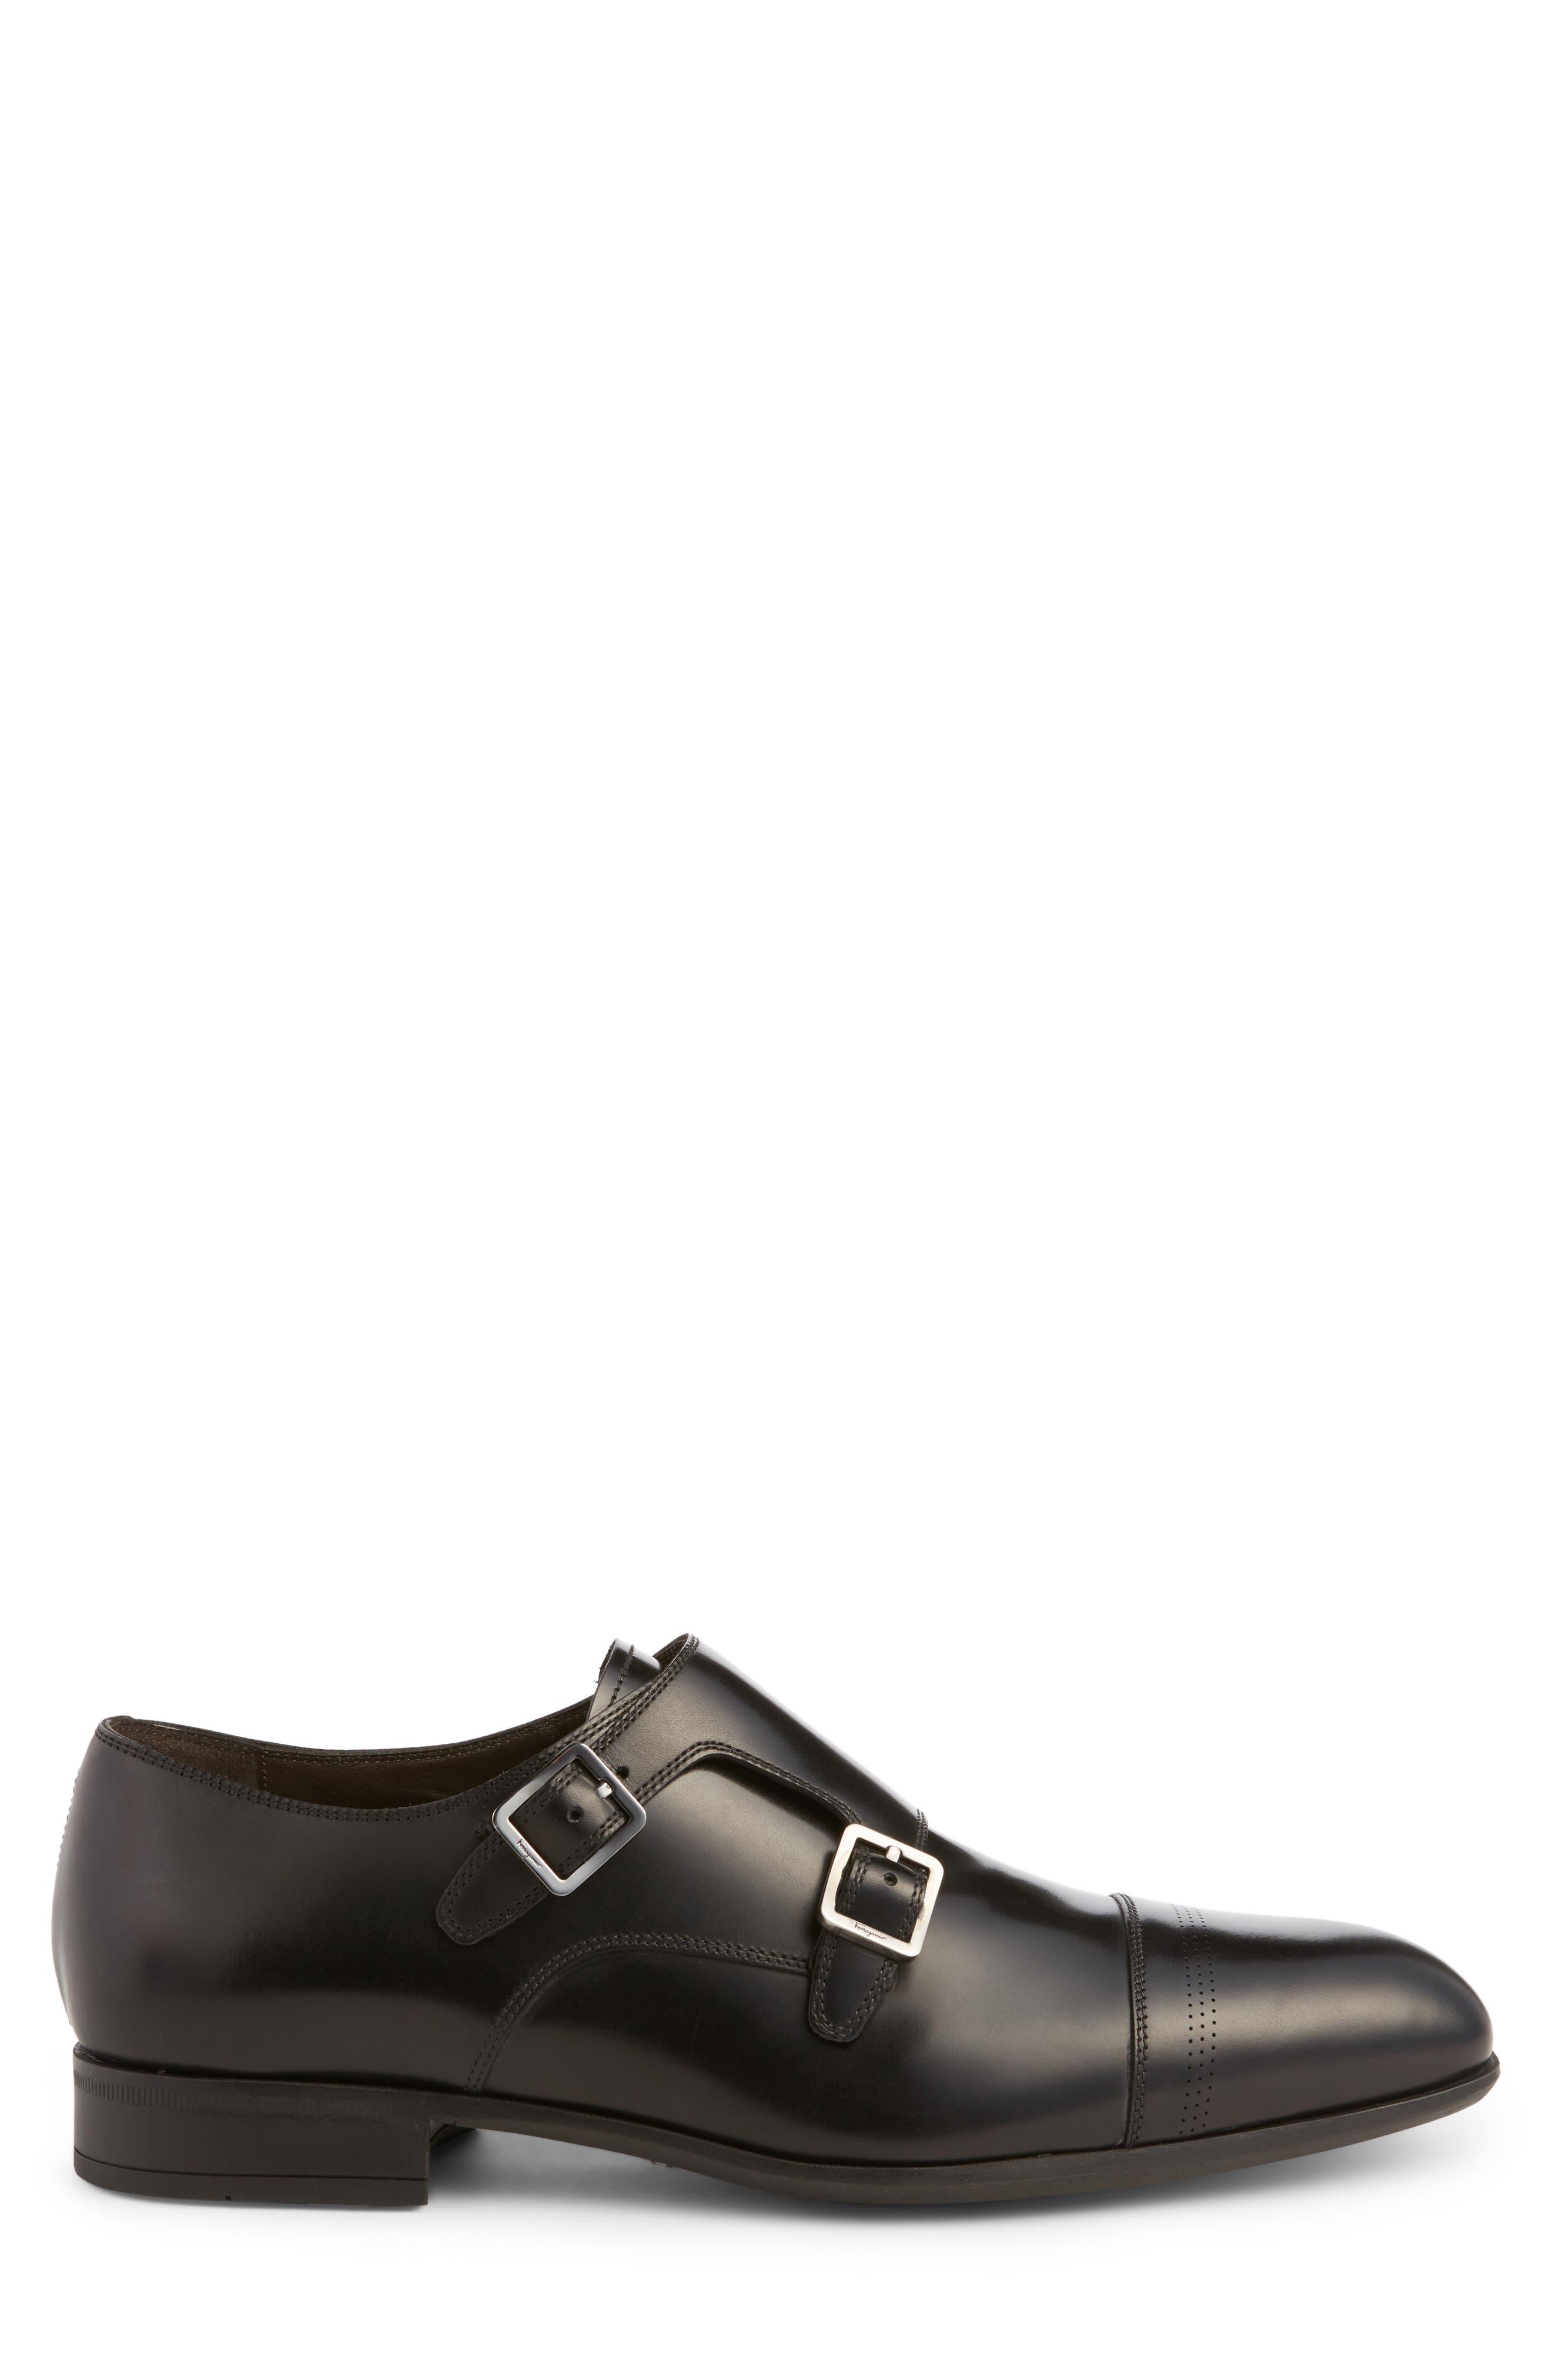 Defoe Double Monk Strap Shoe,                             Alternate thumbnail 3, color,                             001